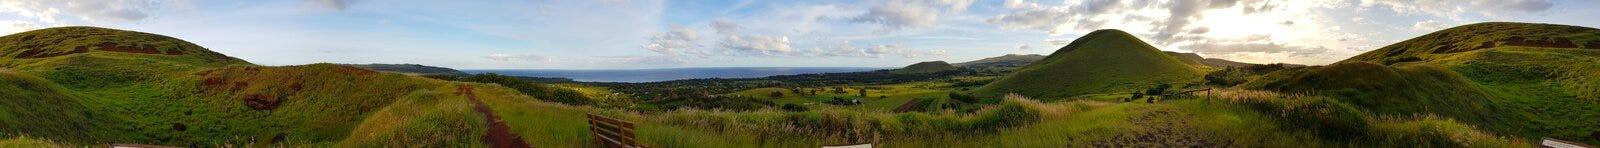 Взгляд ландшафта острова пасхи от карьера Puna Pau, острова пасхи стоковое изображение rf